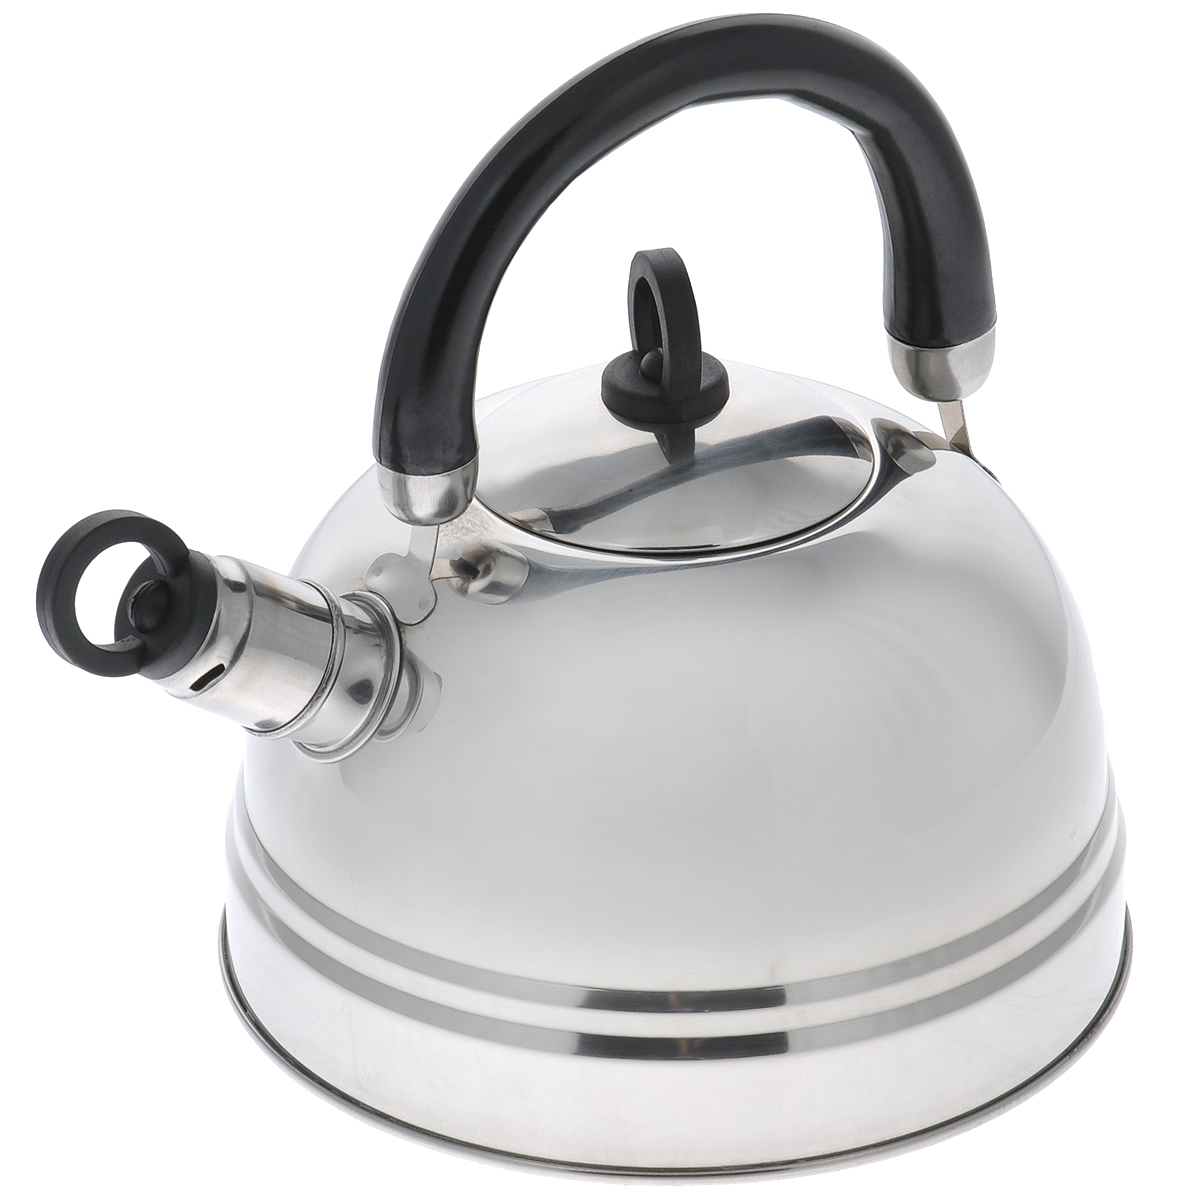 Чайник Bekker Koch, со свистком, цвет: черный, 2,5 л. BK-S367MBK-S367МчёрныйЧайник Bekker Koch изготовлен из высококачественной нержавеющей стали с зеркальной полировкой. Капсулированное дно распределяет тепло по всей поверхности, что позволяет чайнику быстро закипать. Эргономичная подвижная ручка выполнена из бакелита оригинального дизайна. Носик оснащен съемным свистком, который подскажет, когда вода закипела. Можно мыть мыть в посудомоечной машине.Толщина стенок: 0,4 мм.Высота чайника (без учета ручки): 12 см. Высота чайника (с учетом ручки): 22,5 см.